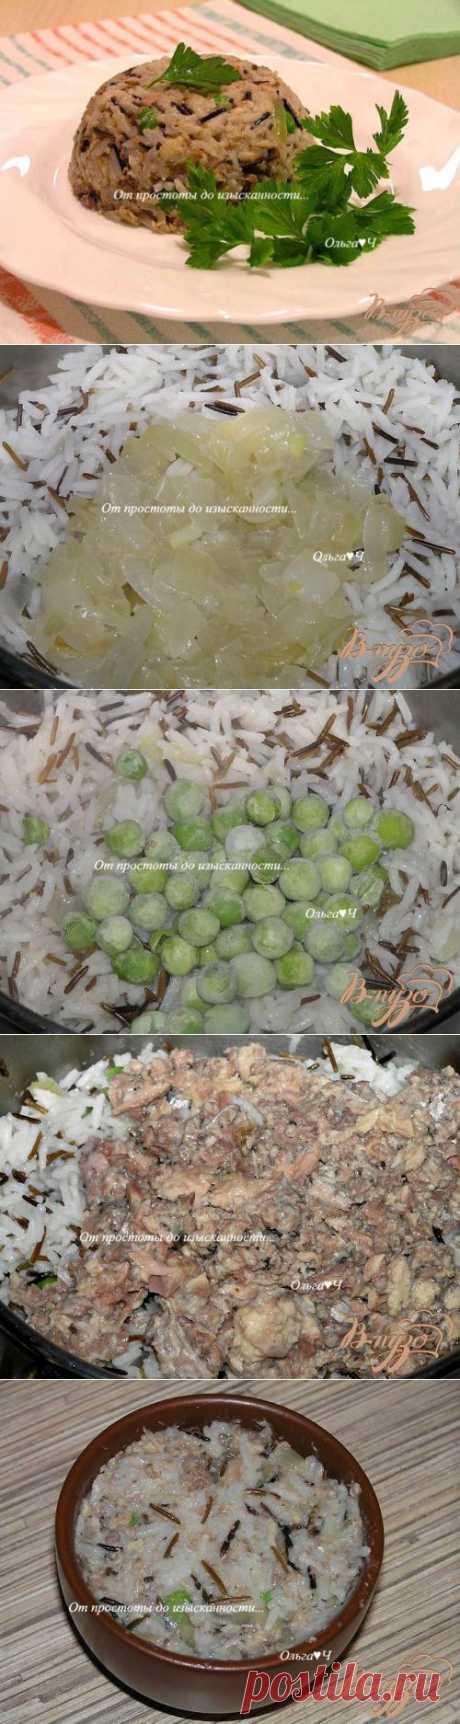 Дикий и пропаренный рис с зеленым горошком и сайрой